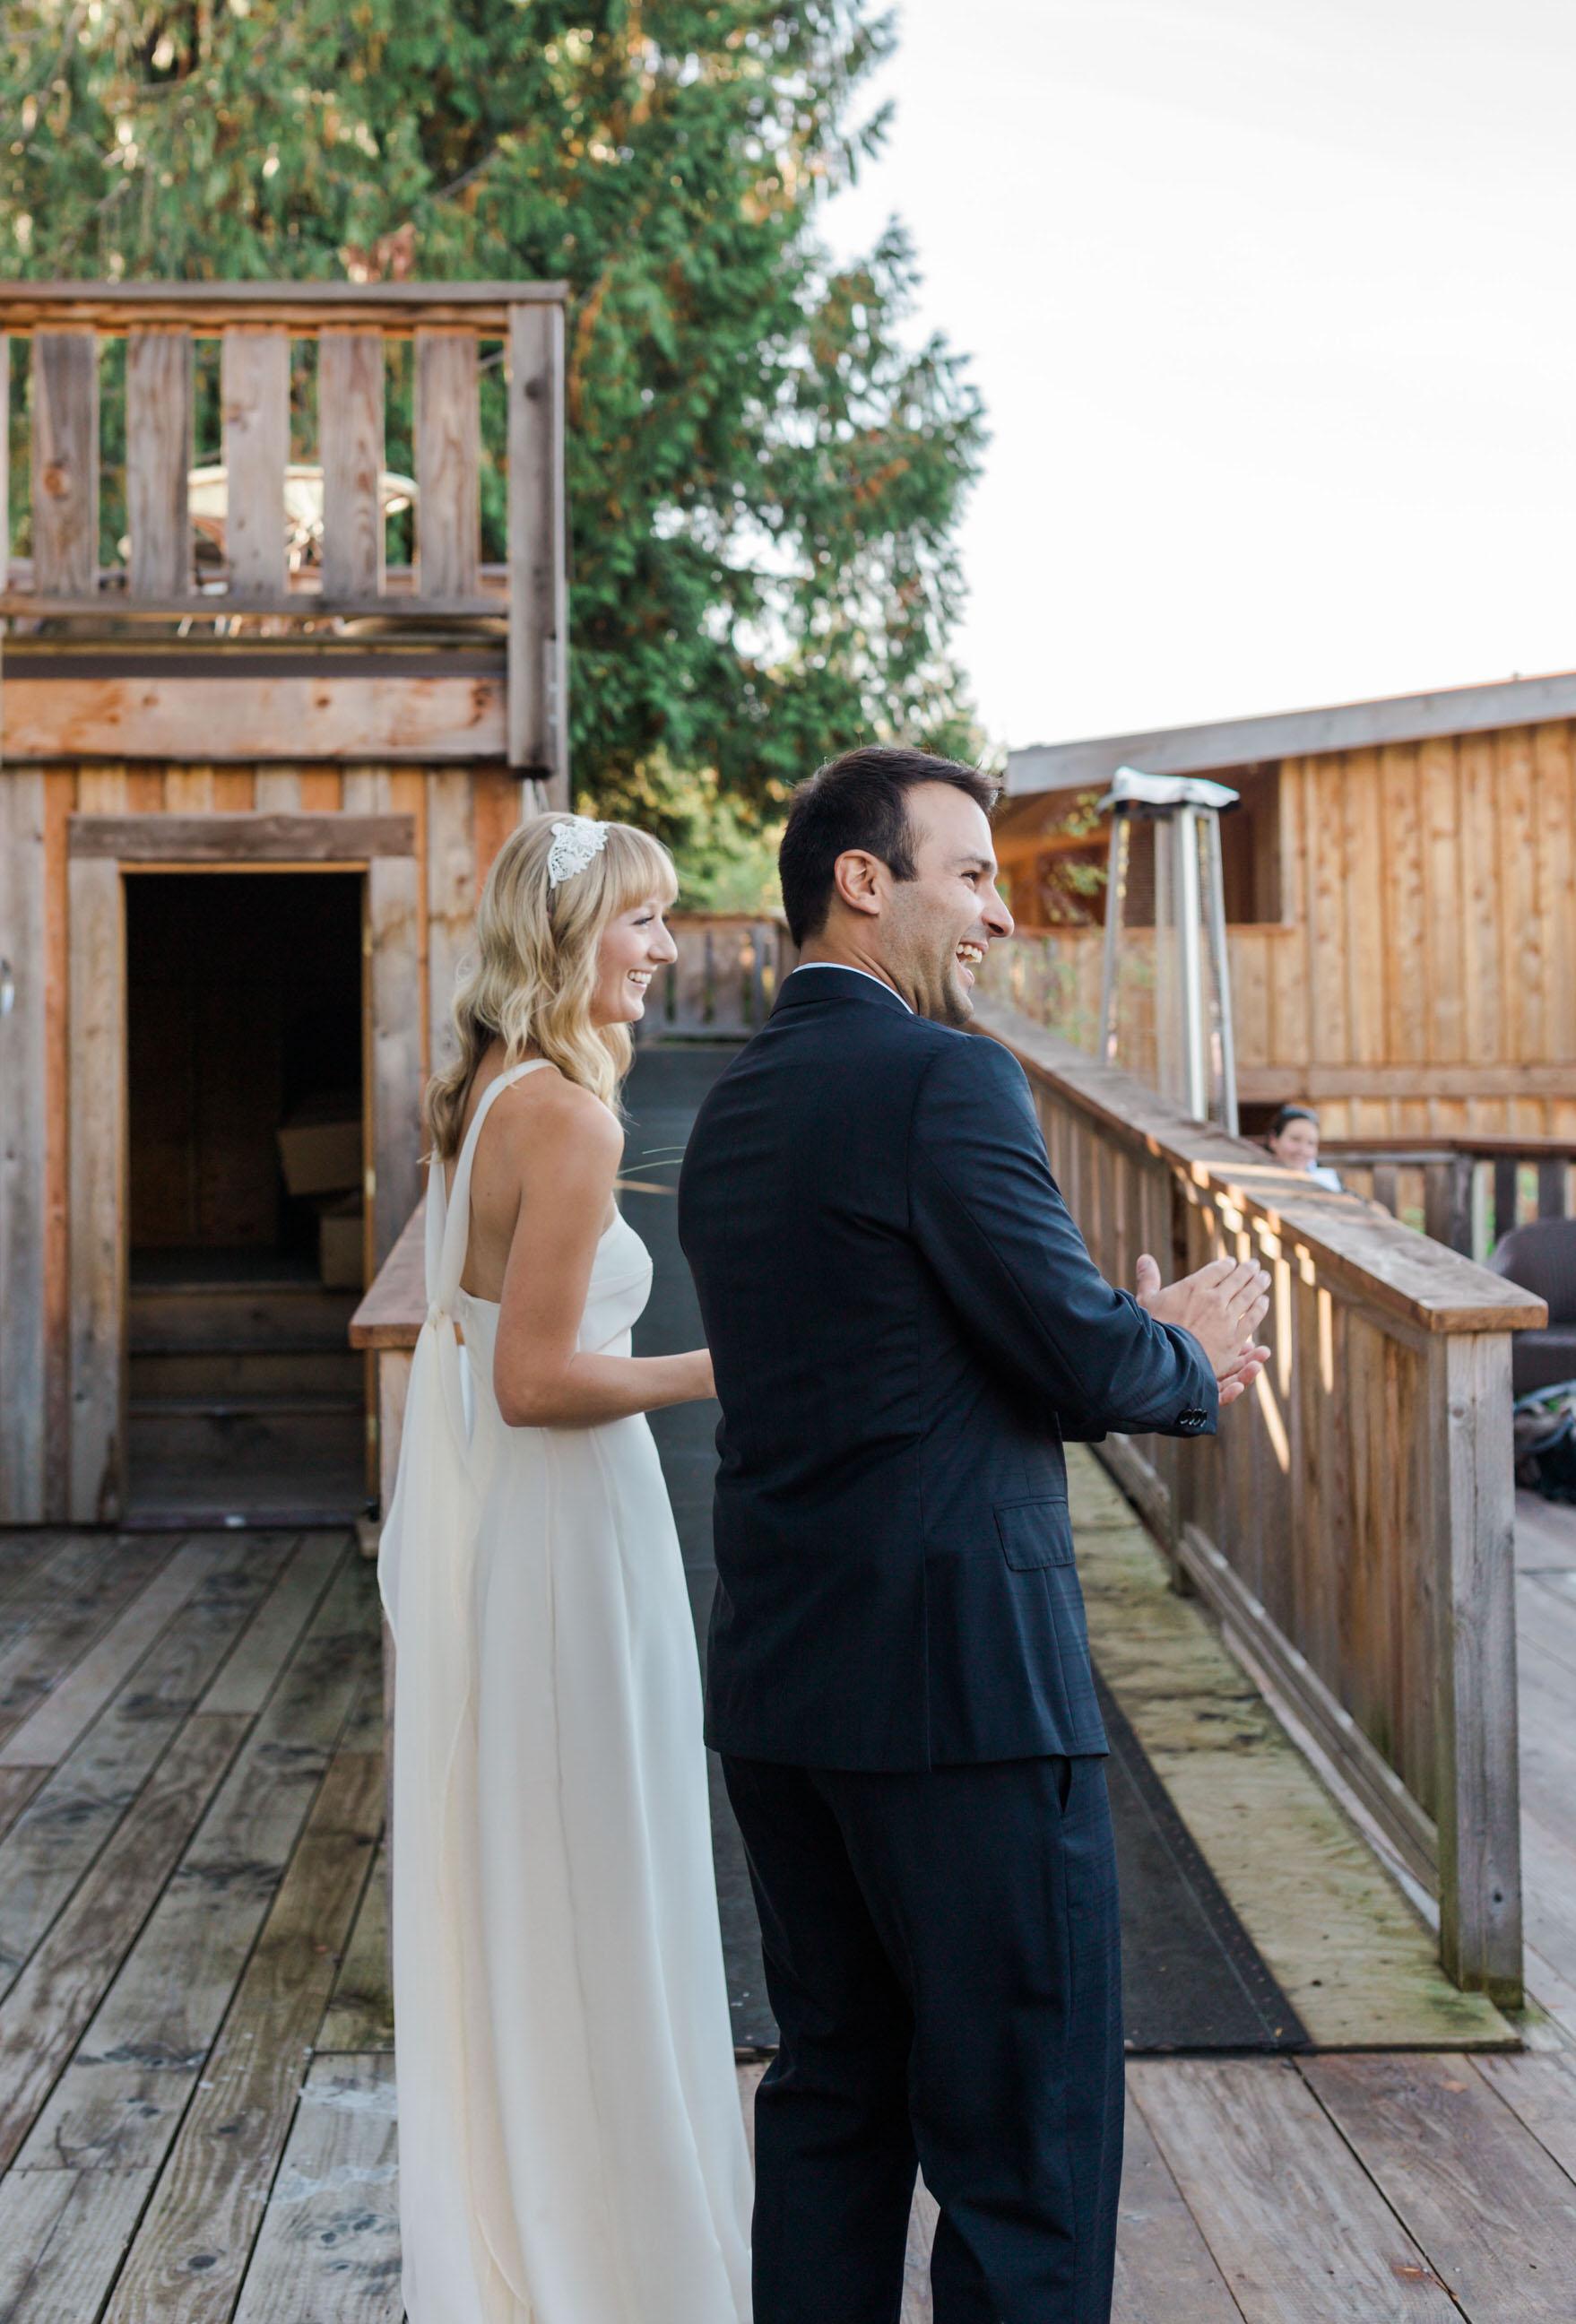 Sunshine Coast Wedding Photographer - Vancouver Wedding Photographer - West Coast Wilderness Lodge Wedding - Jennifer Picard Photography - IMG_6984.jpg